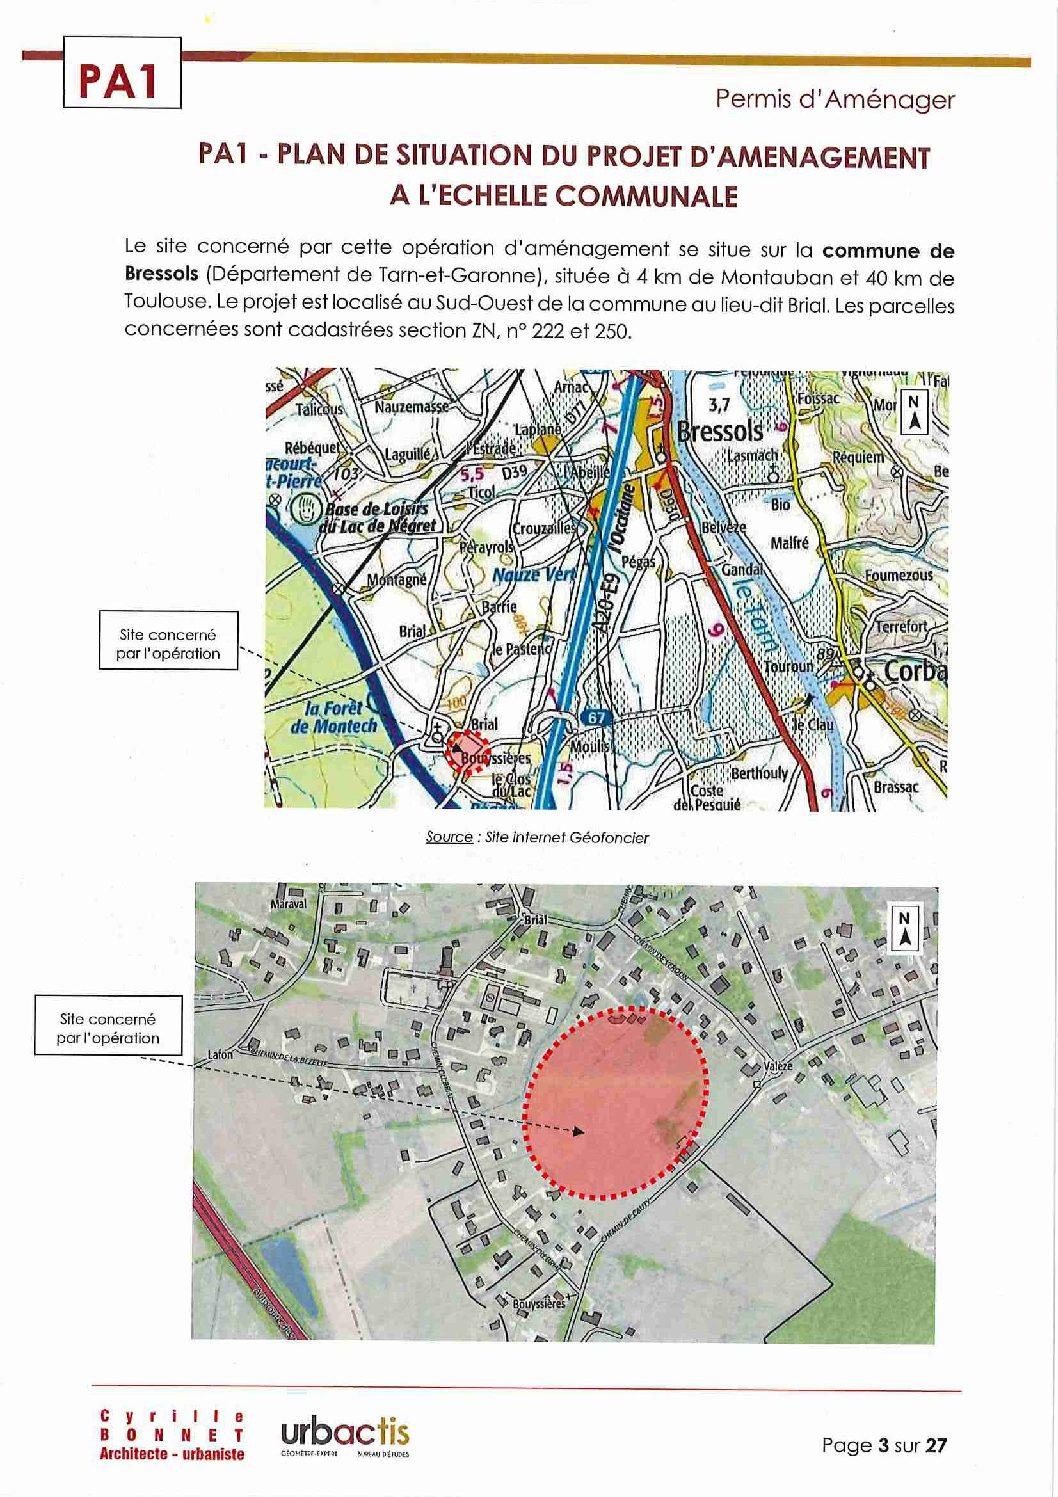 Nouveau terrain à bâtir disponible à Montbartier 82, viabilisé par Florès Aménagement